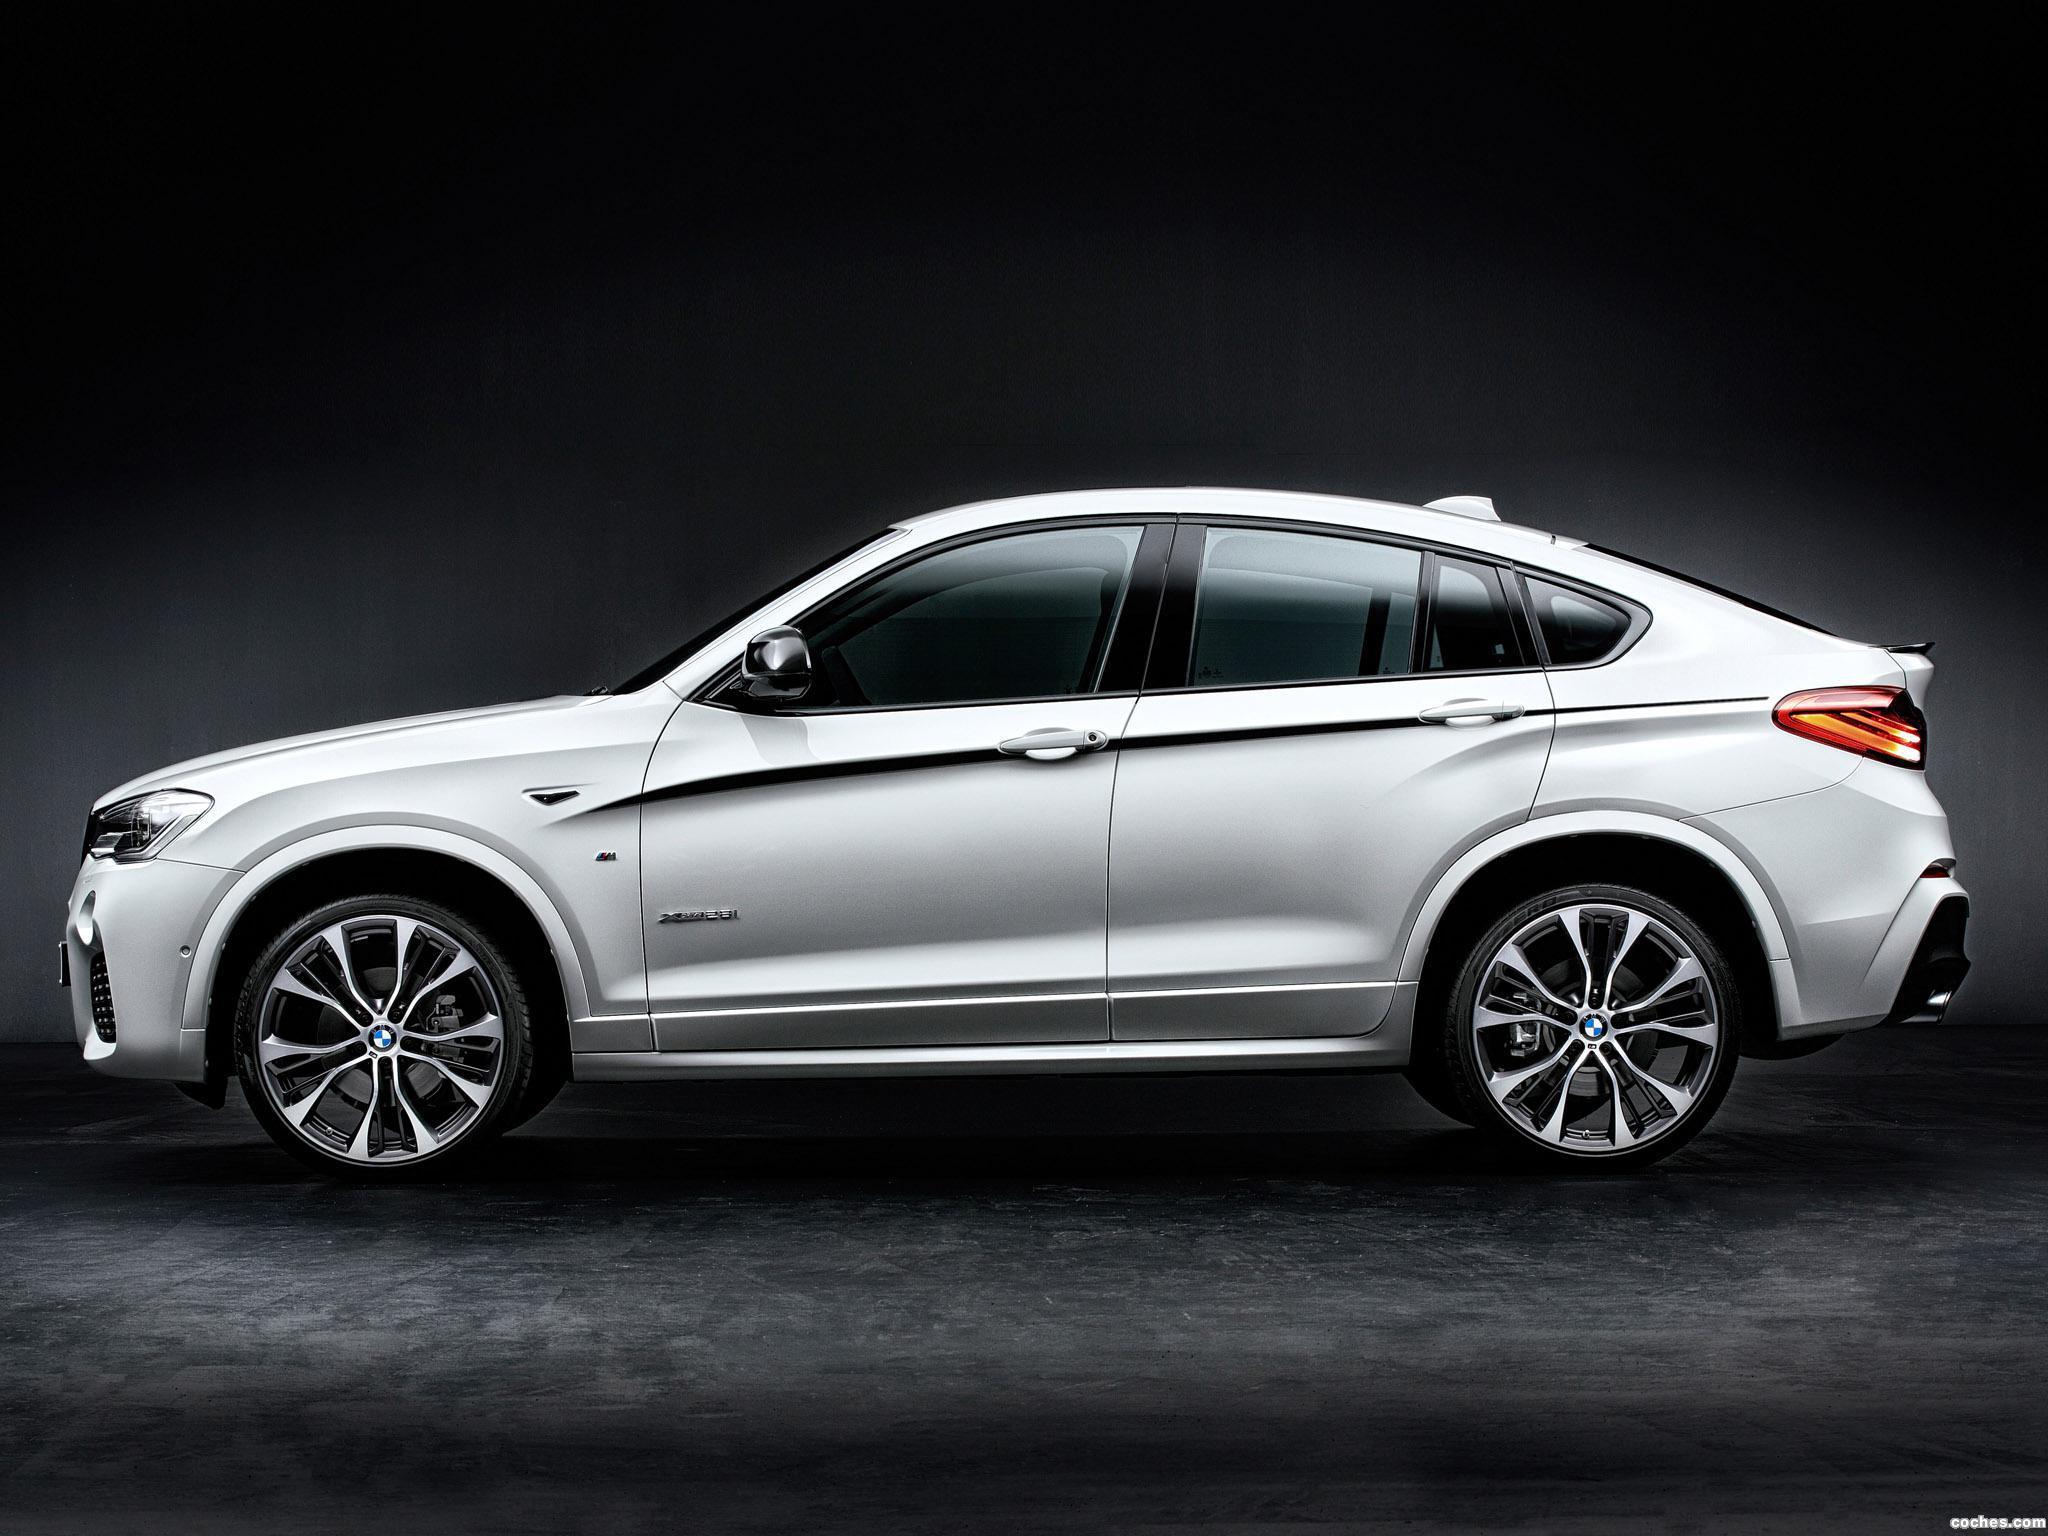 Foto 2 de BMW X4 xDrive28i M Performance Accessories F26 2014